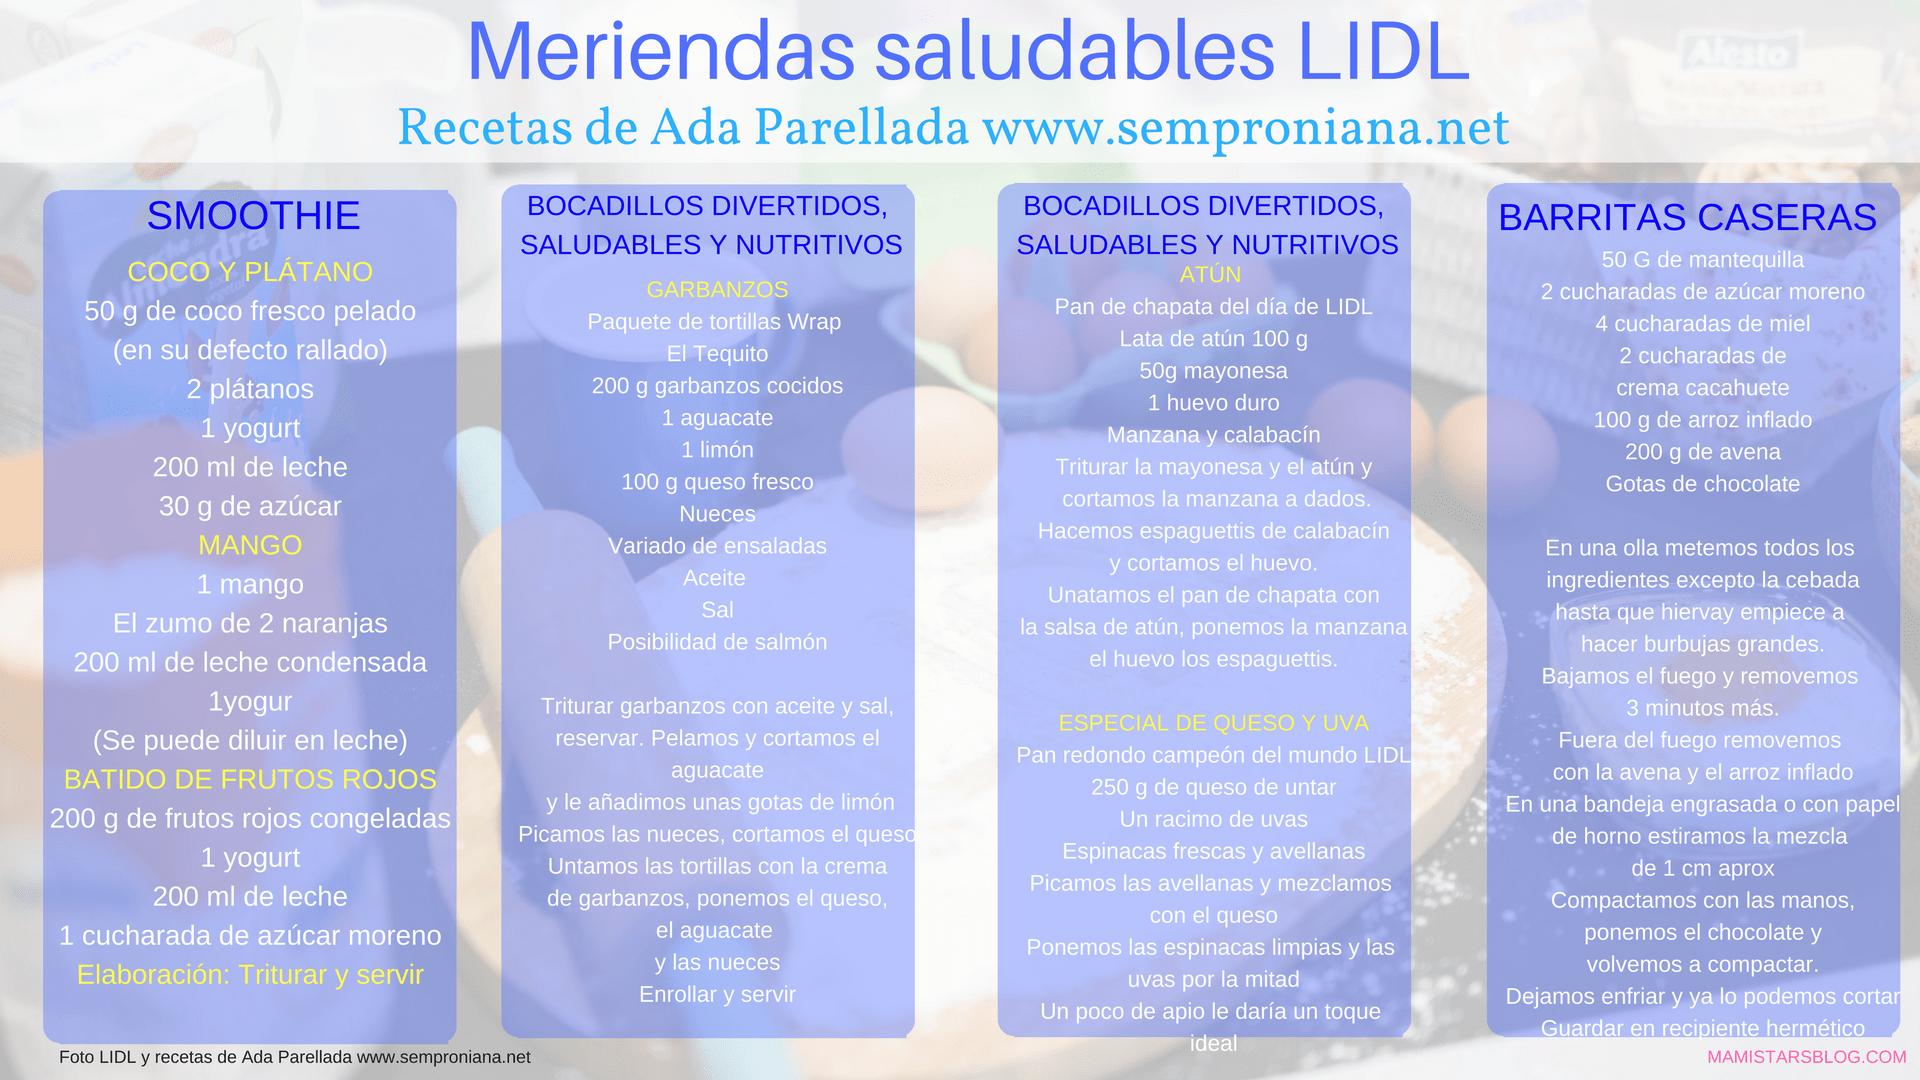 Meriendas saludables LIDL y Ada Parellada